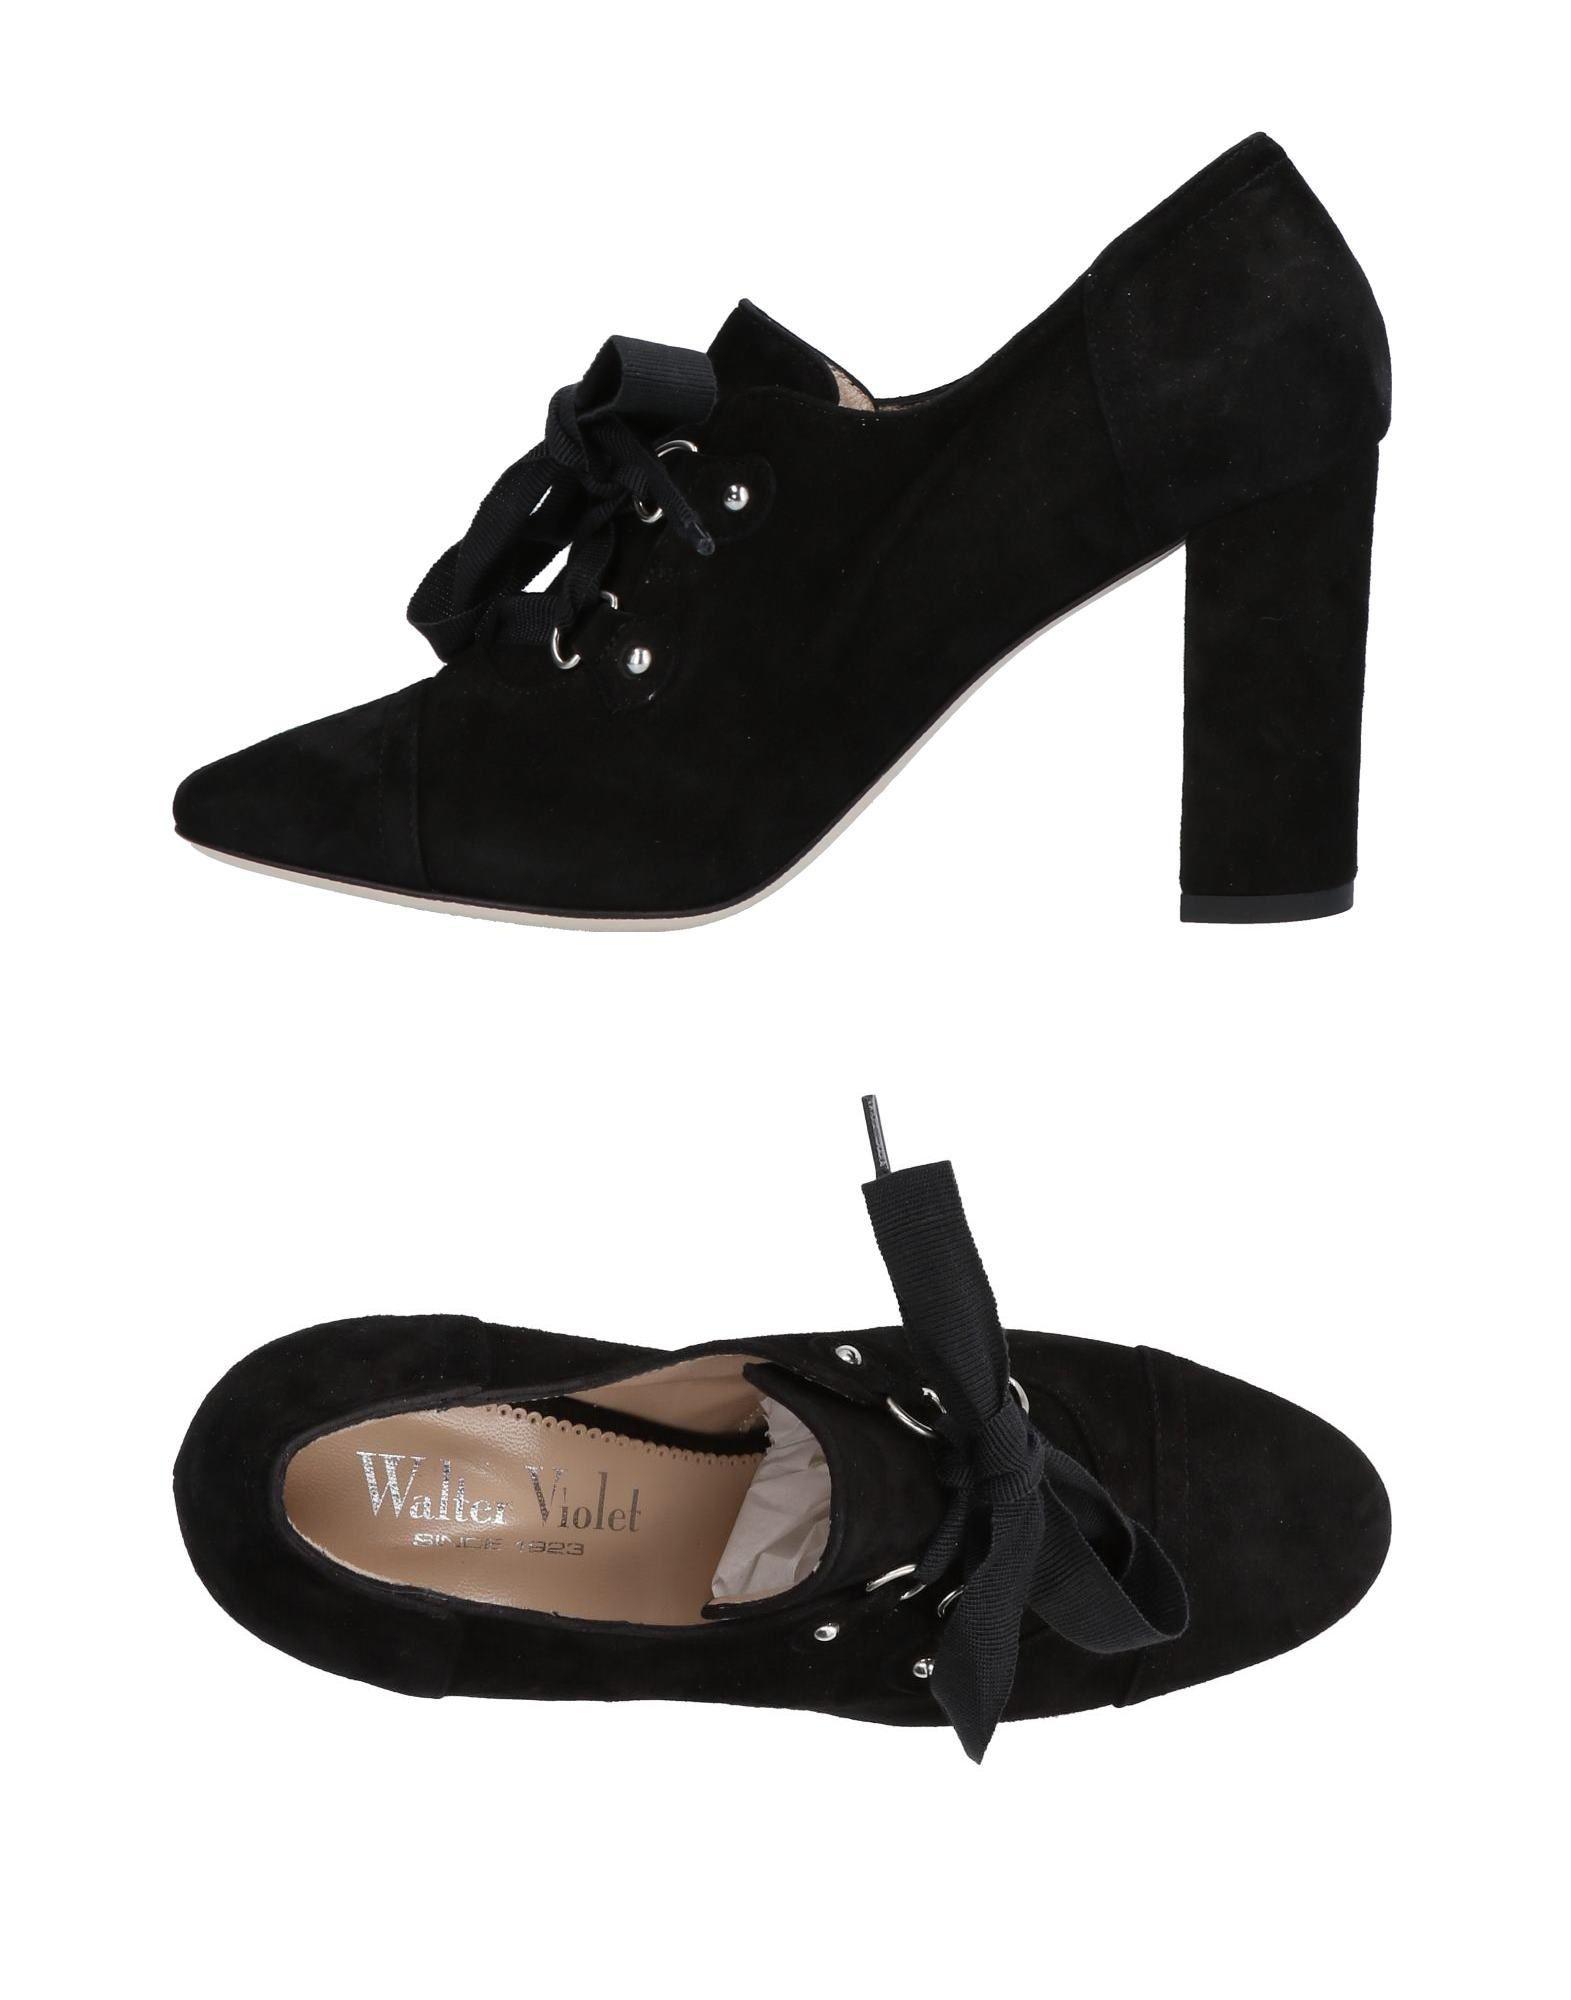 Walter Violet Schnürschuhe Damen  11457588UM 11457588UM  Gute Qualität beliebte Schuhe d4ff9e